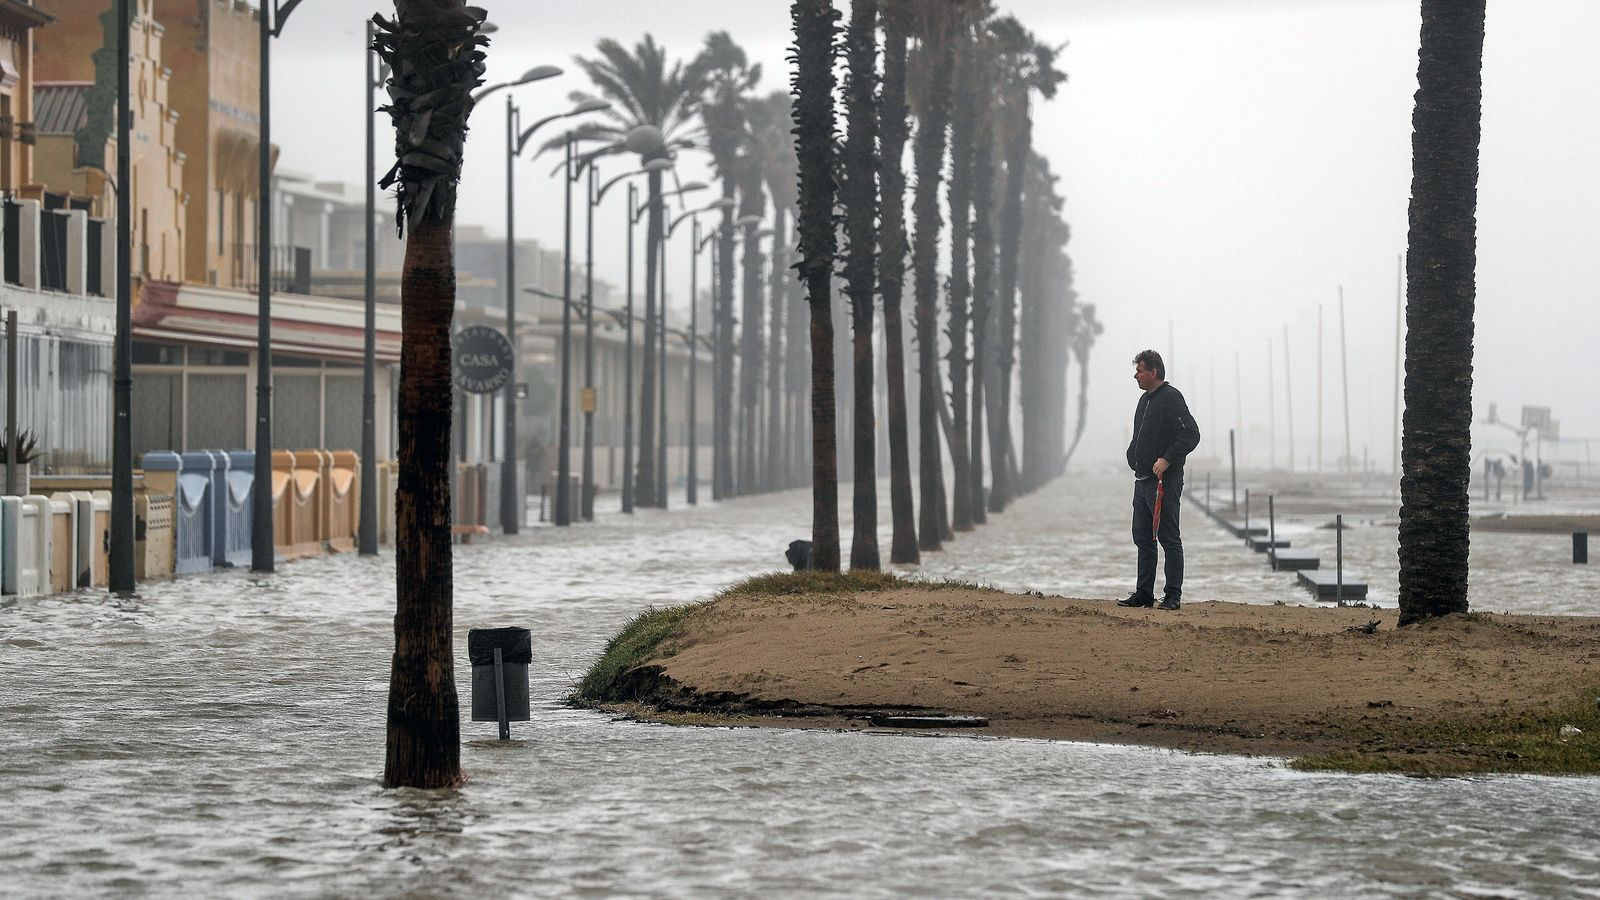 El temporal deixa baixos inundats, grans acumulacions de neu i rius desbordats al País Valencià